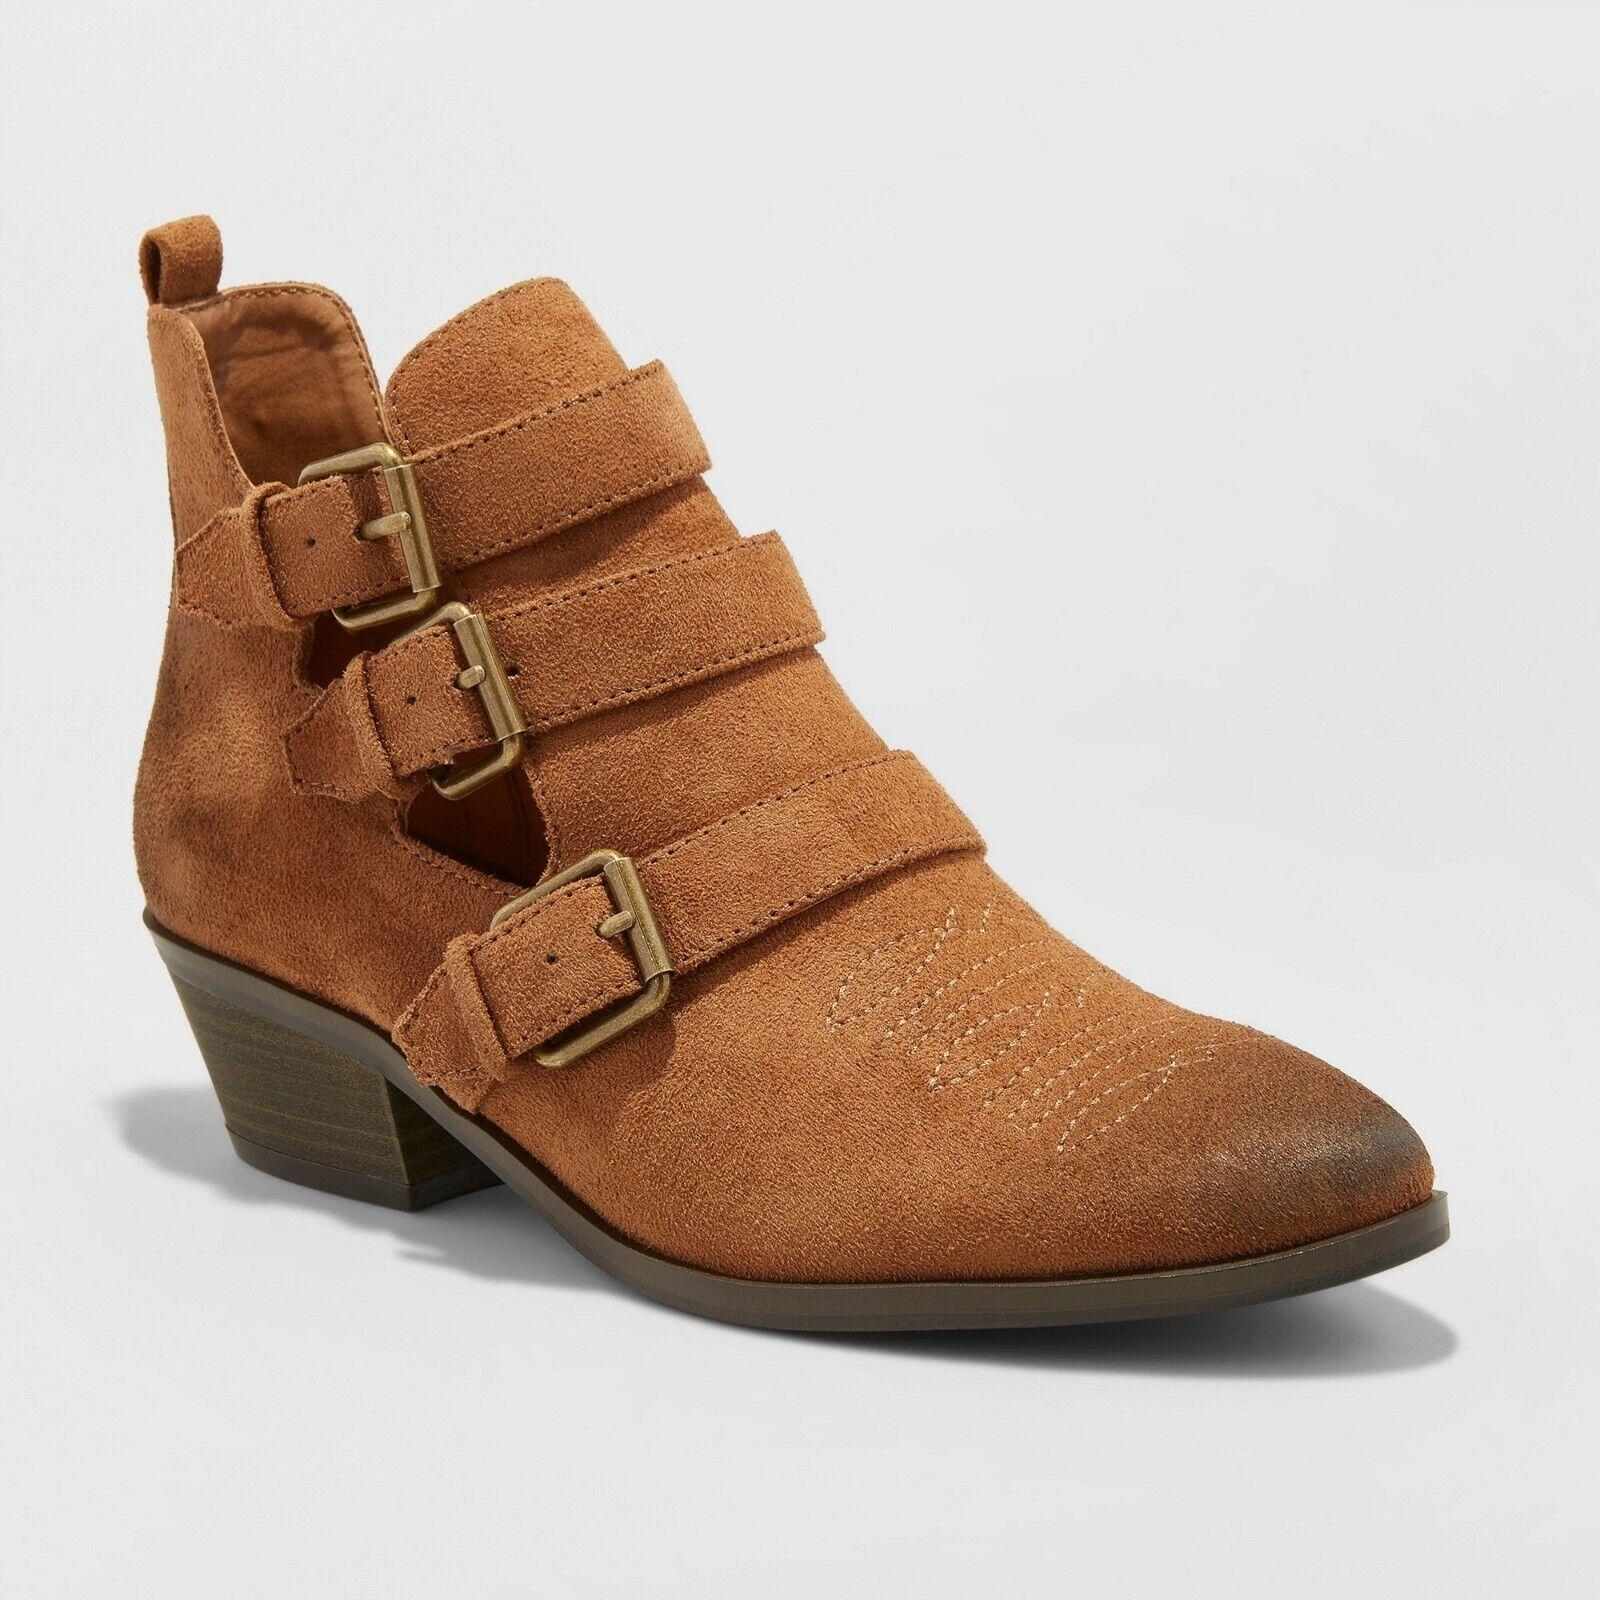 Women's KelseyTriple Buckle Western Bootie – Universal Thread (Cognac 11) Boots